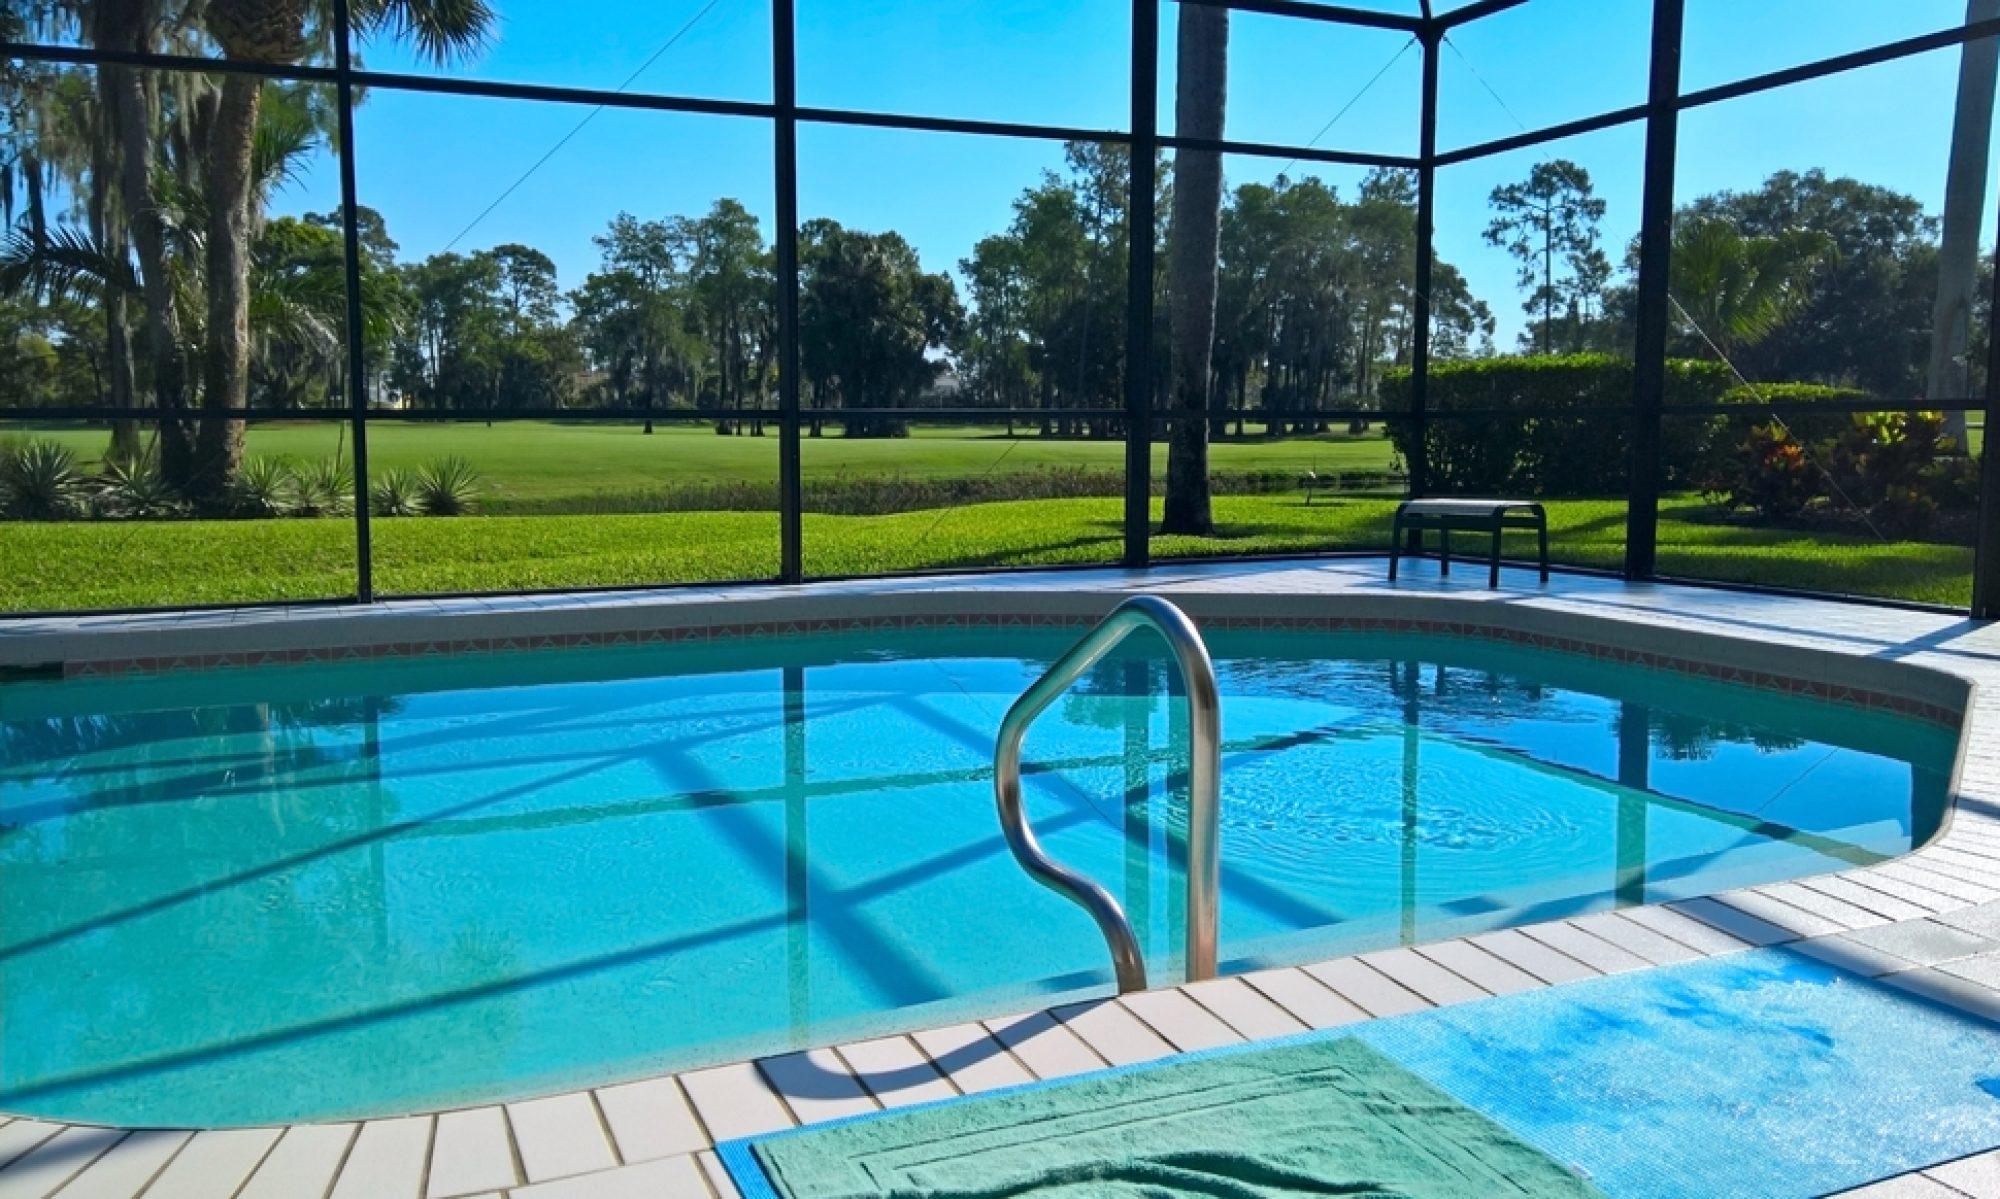 Conseils pour protéger, sécuriser et réchauffer sa piscine